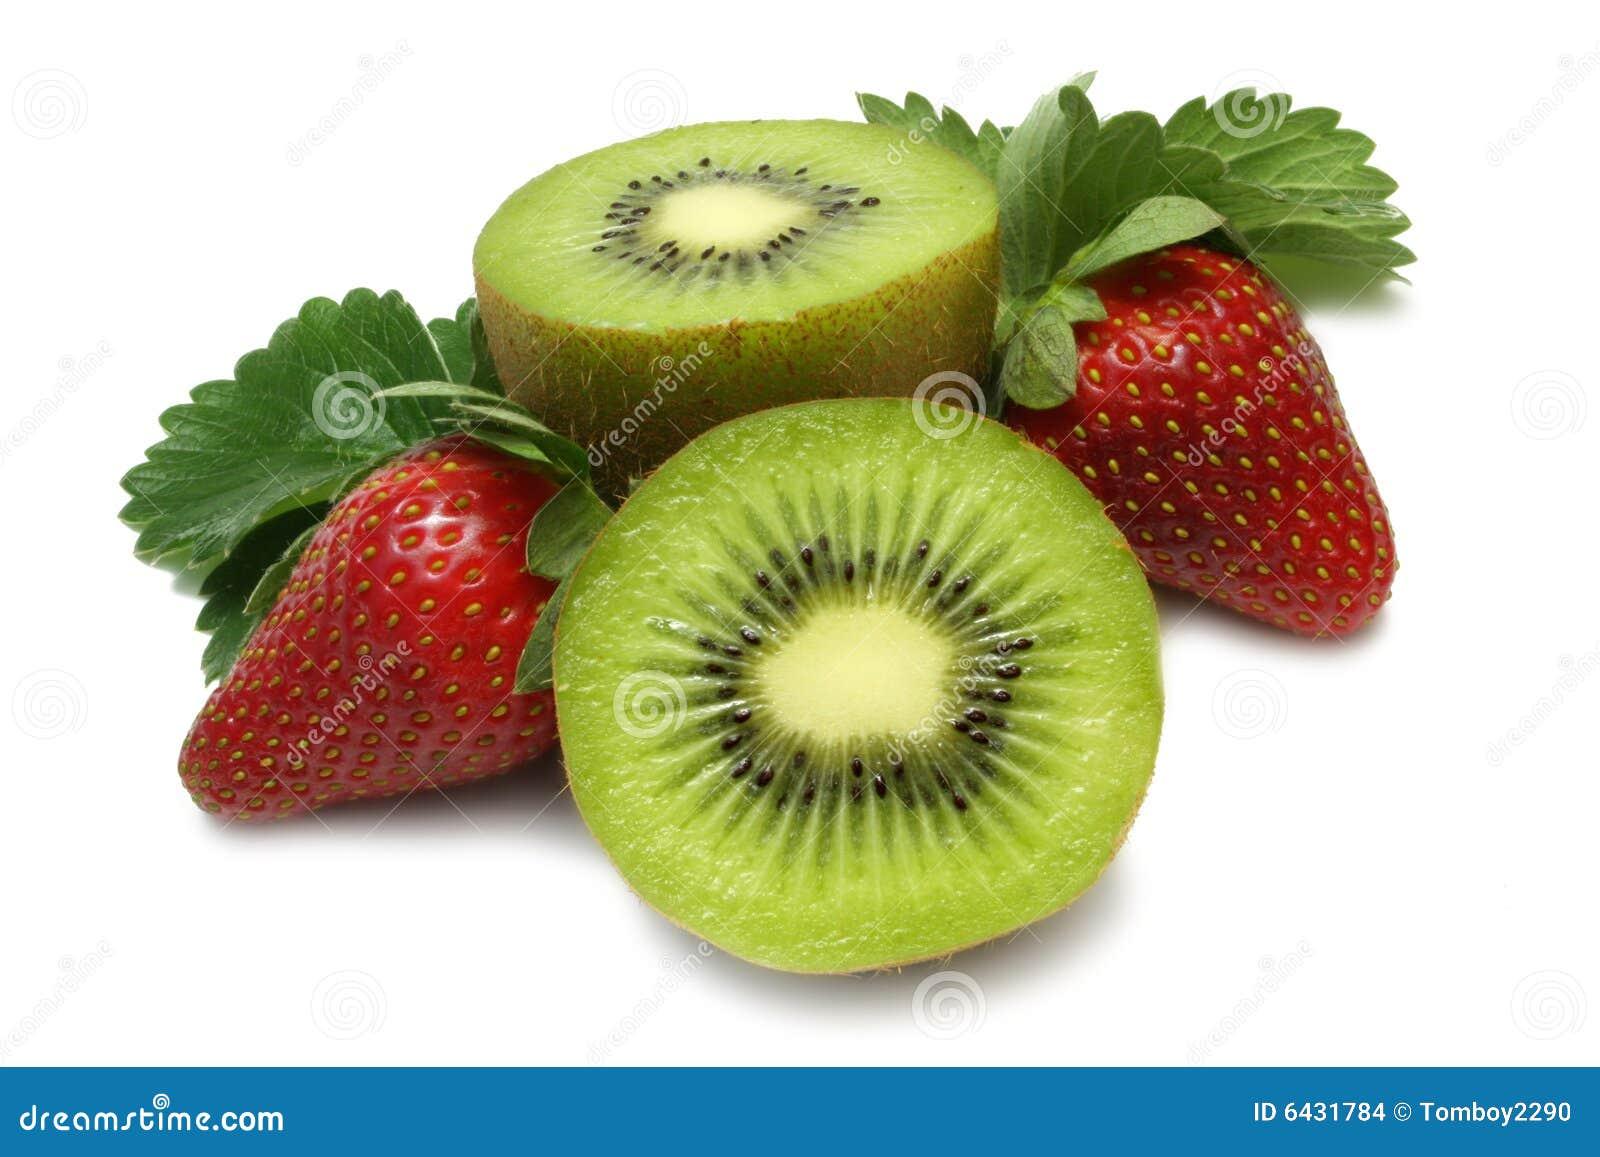 strawberry-kiwi-6431784.jpg